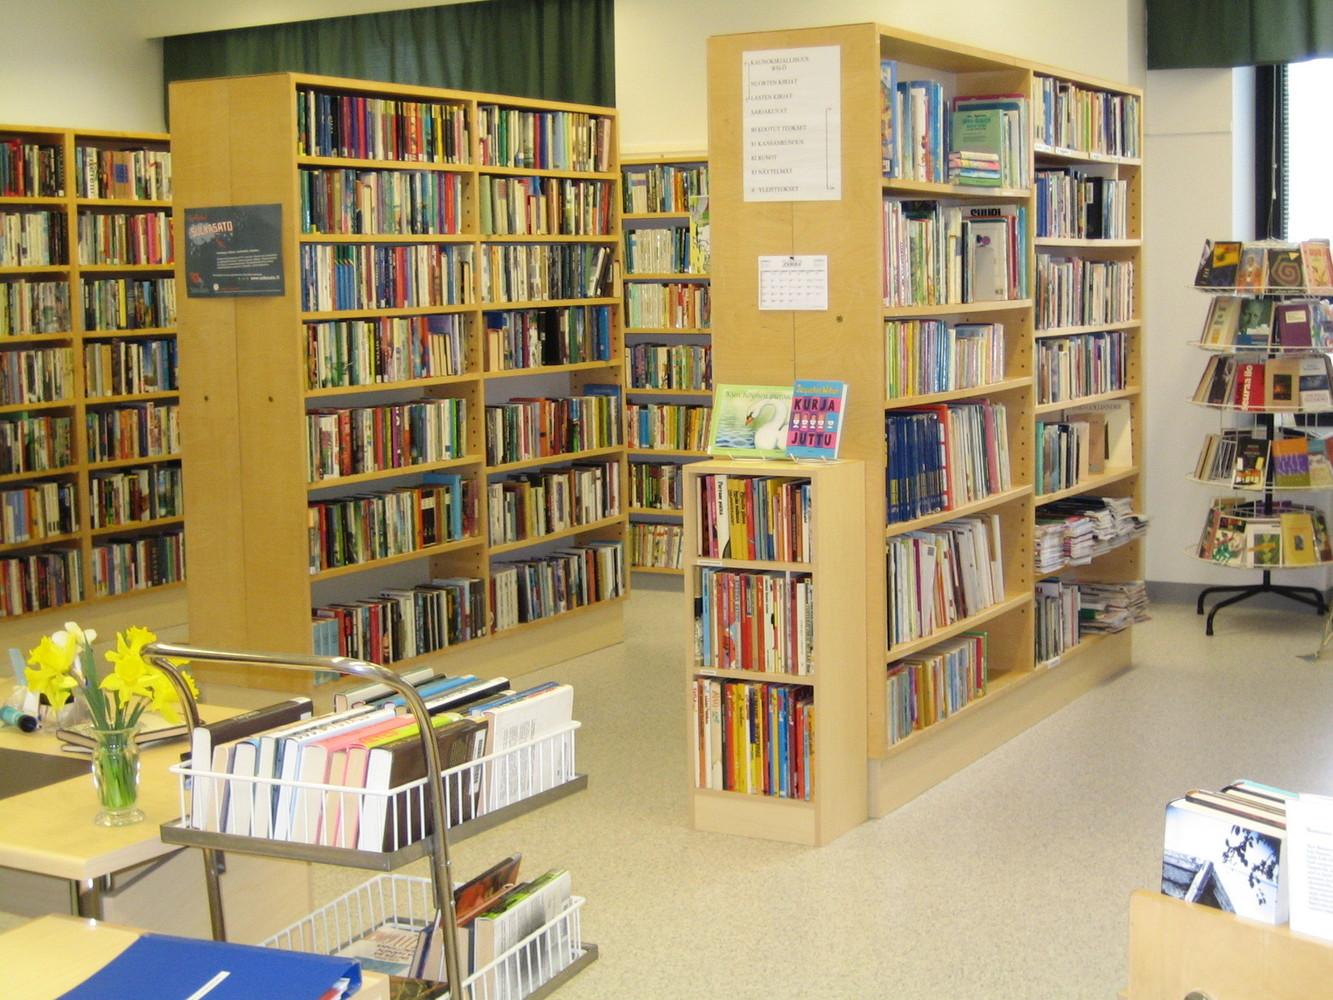 Törnävän kirjasto